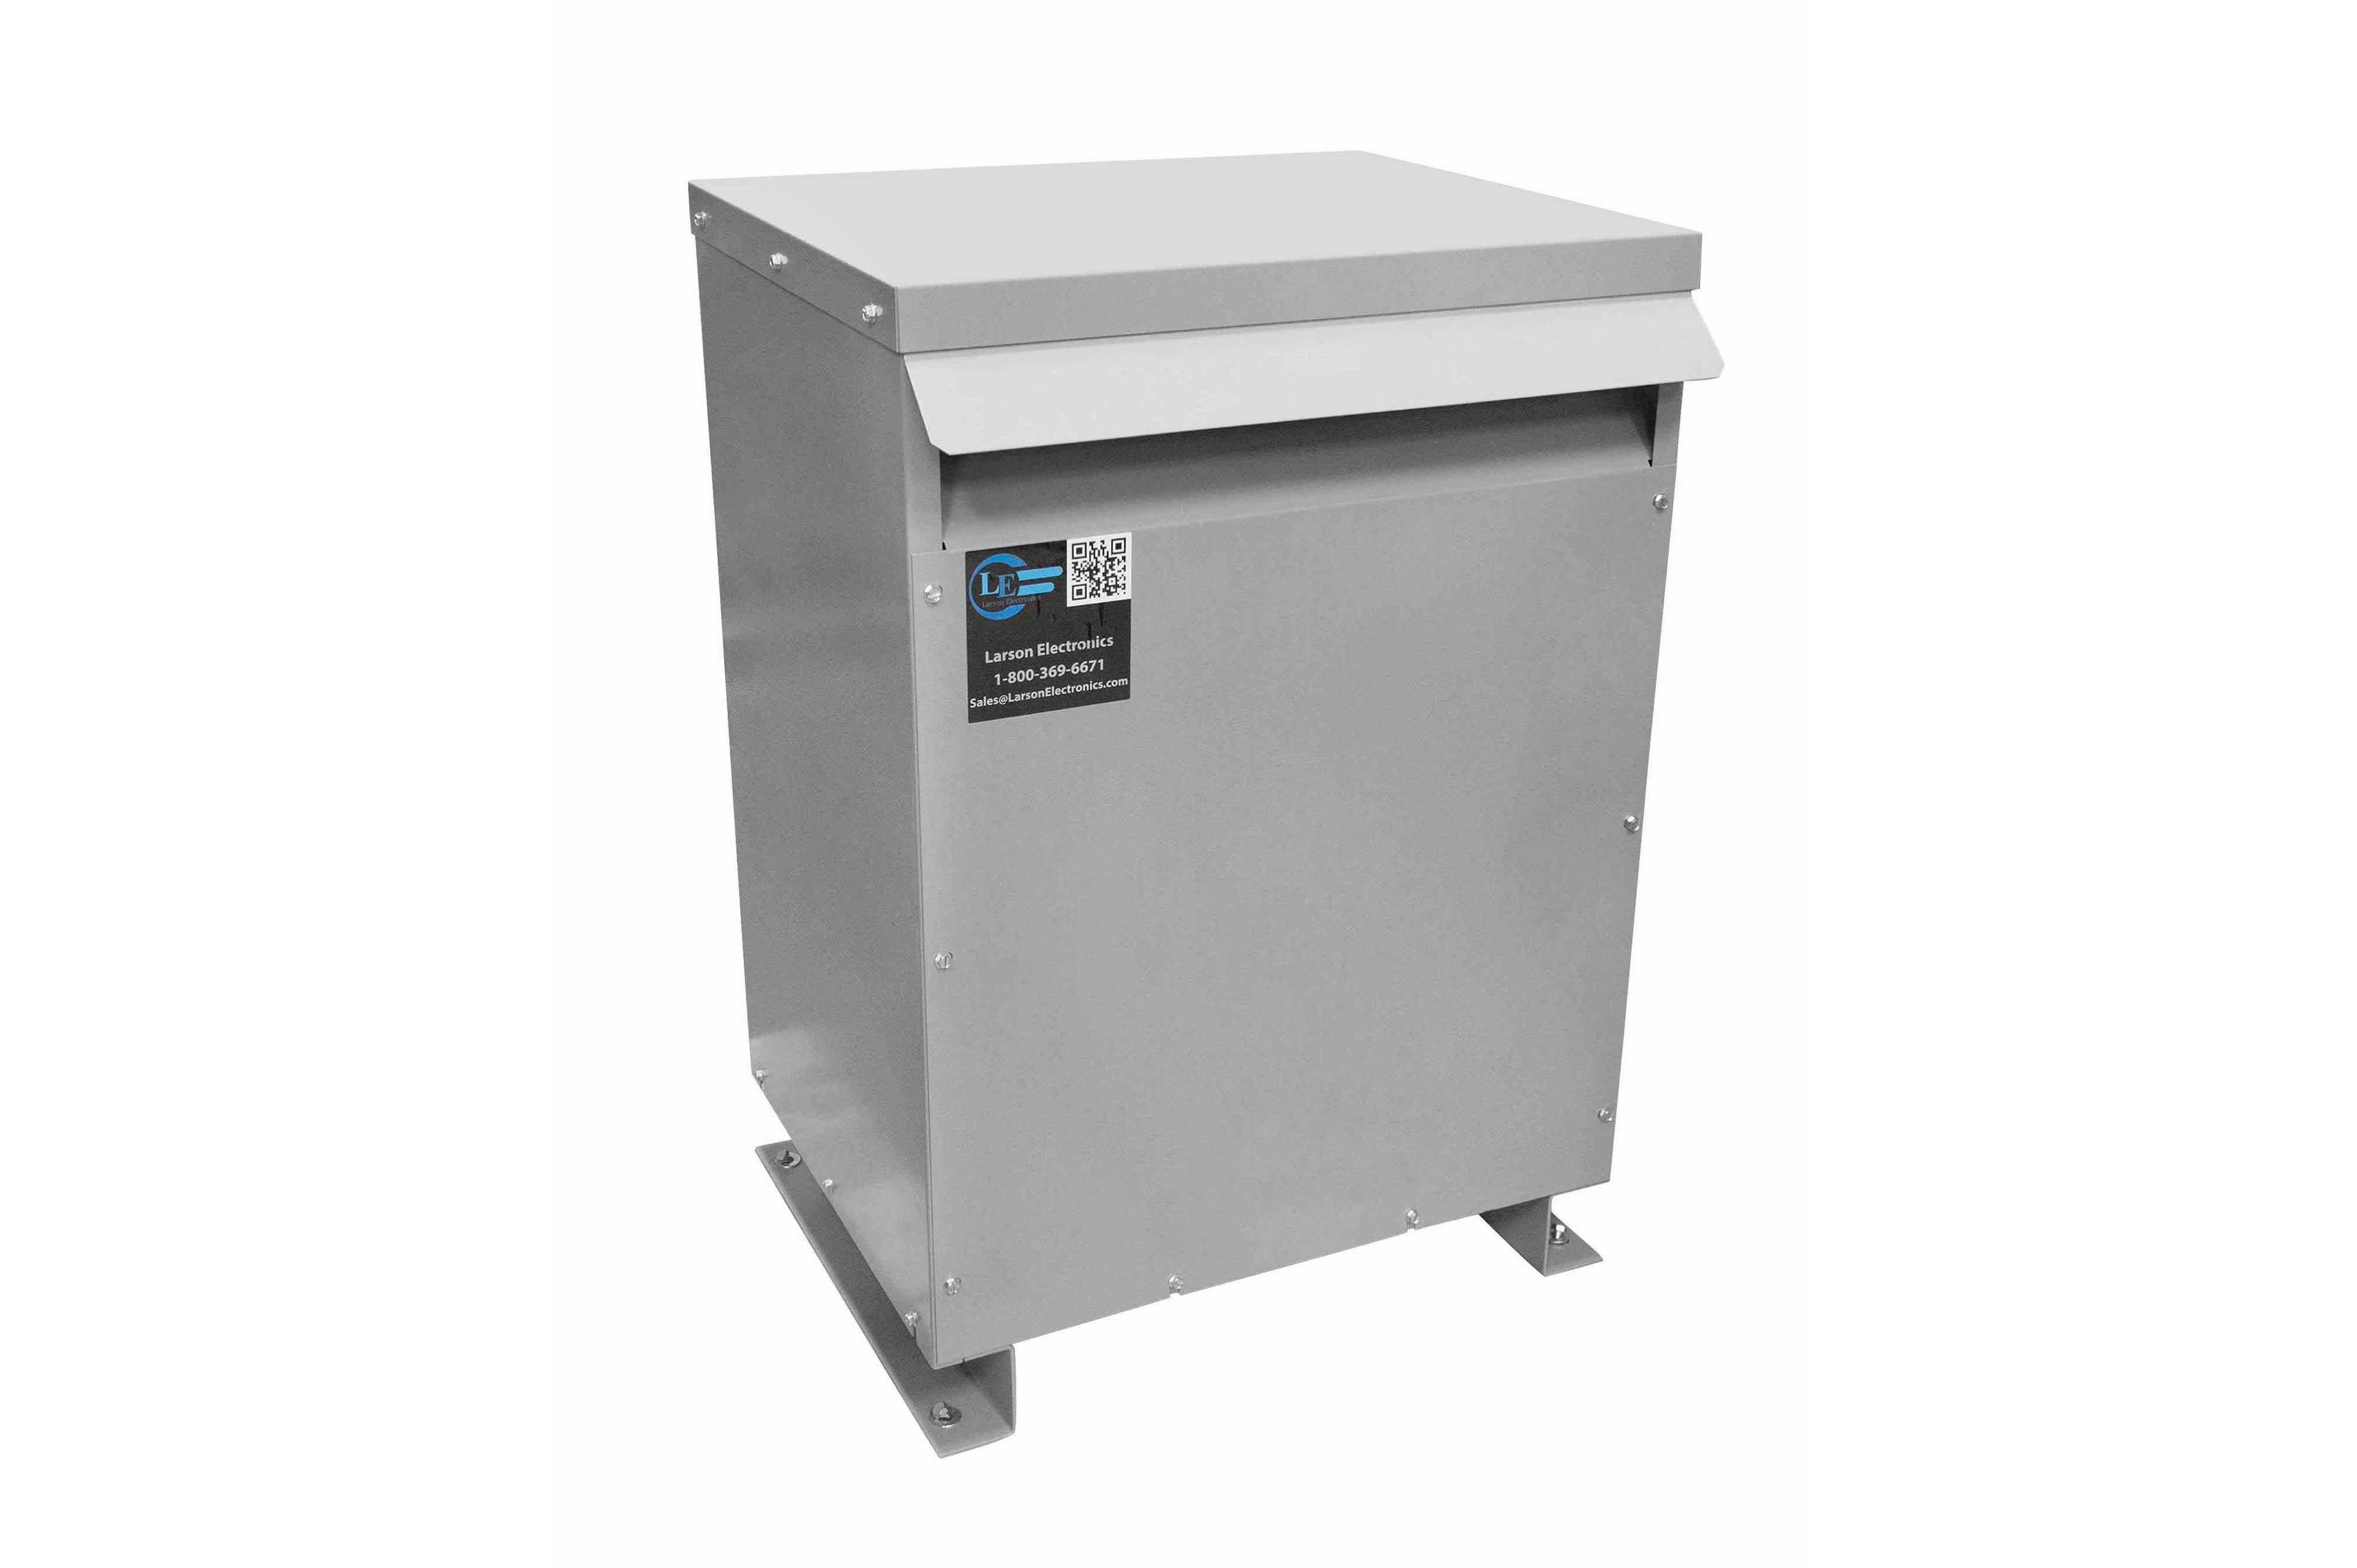 125 kVA 3PH Isolation Transformer, 575V Delta Primary, 380V Delta Secondary, N3R, Ventilated, 60 Hz